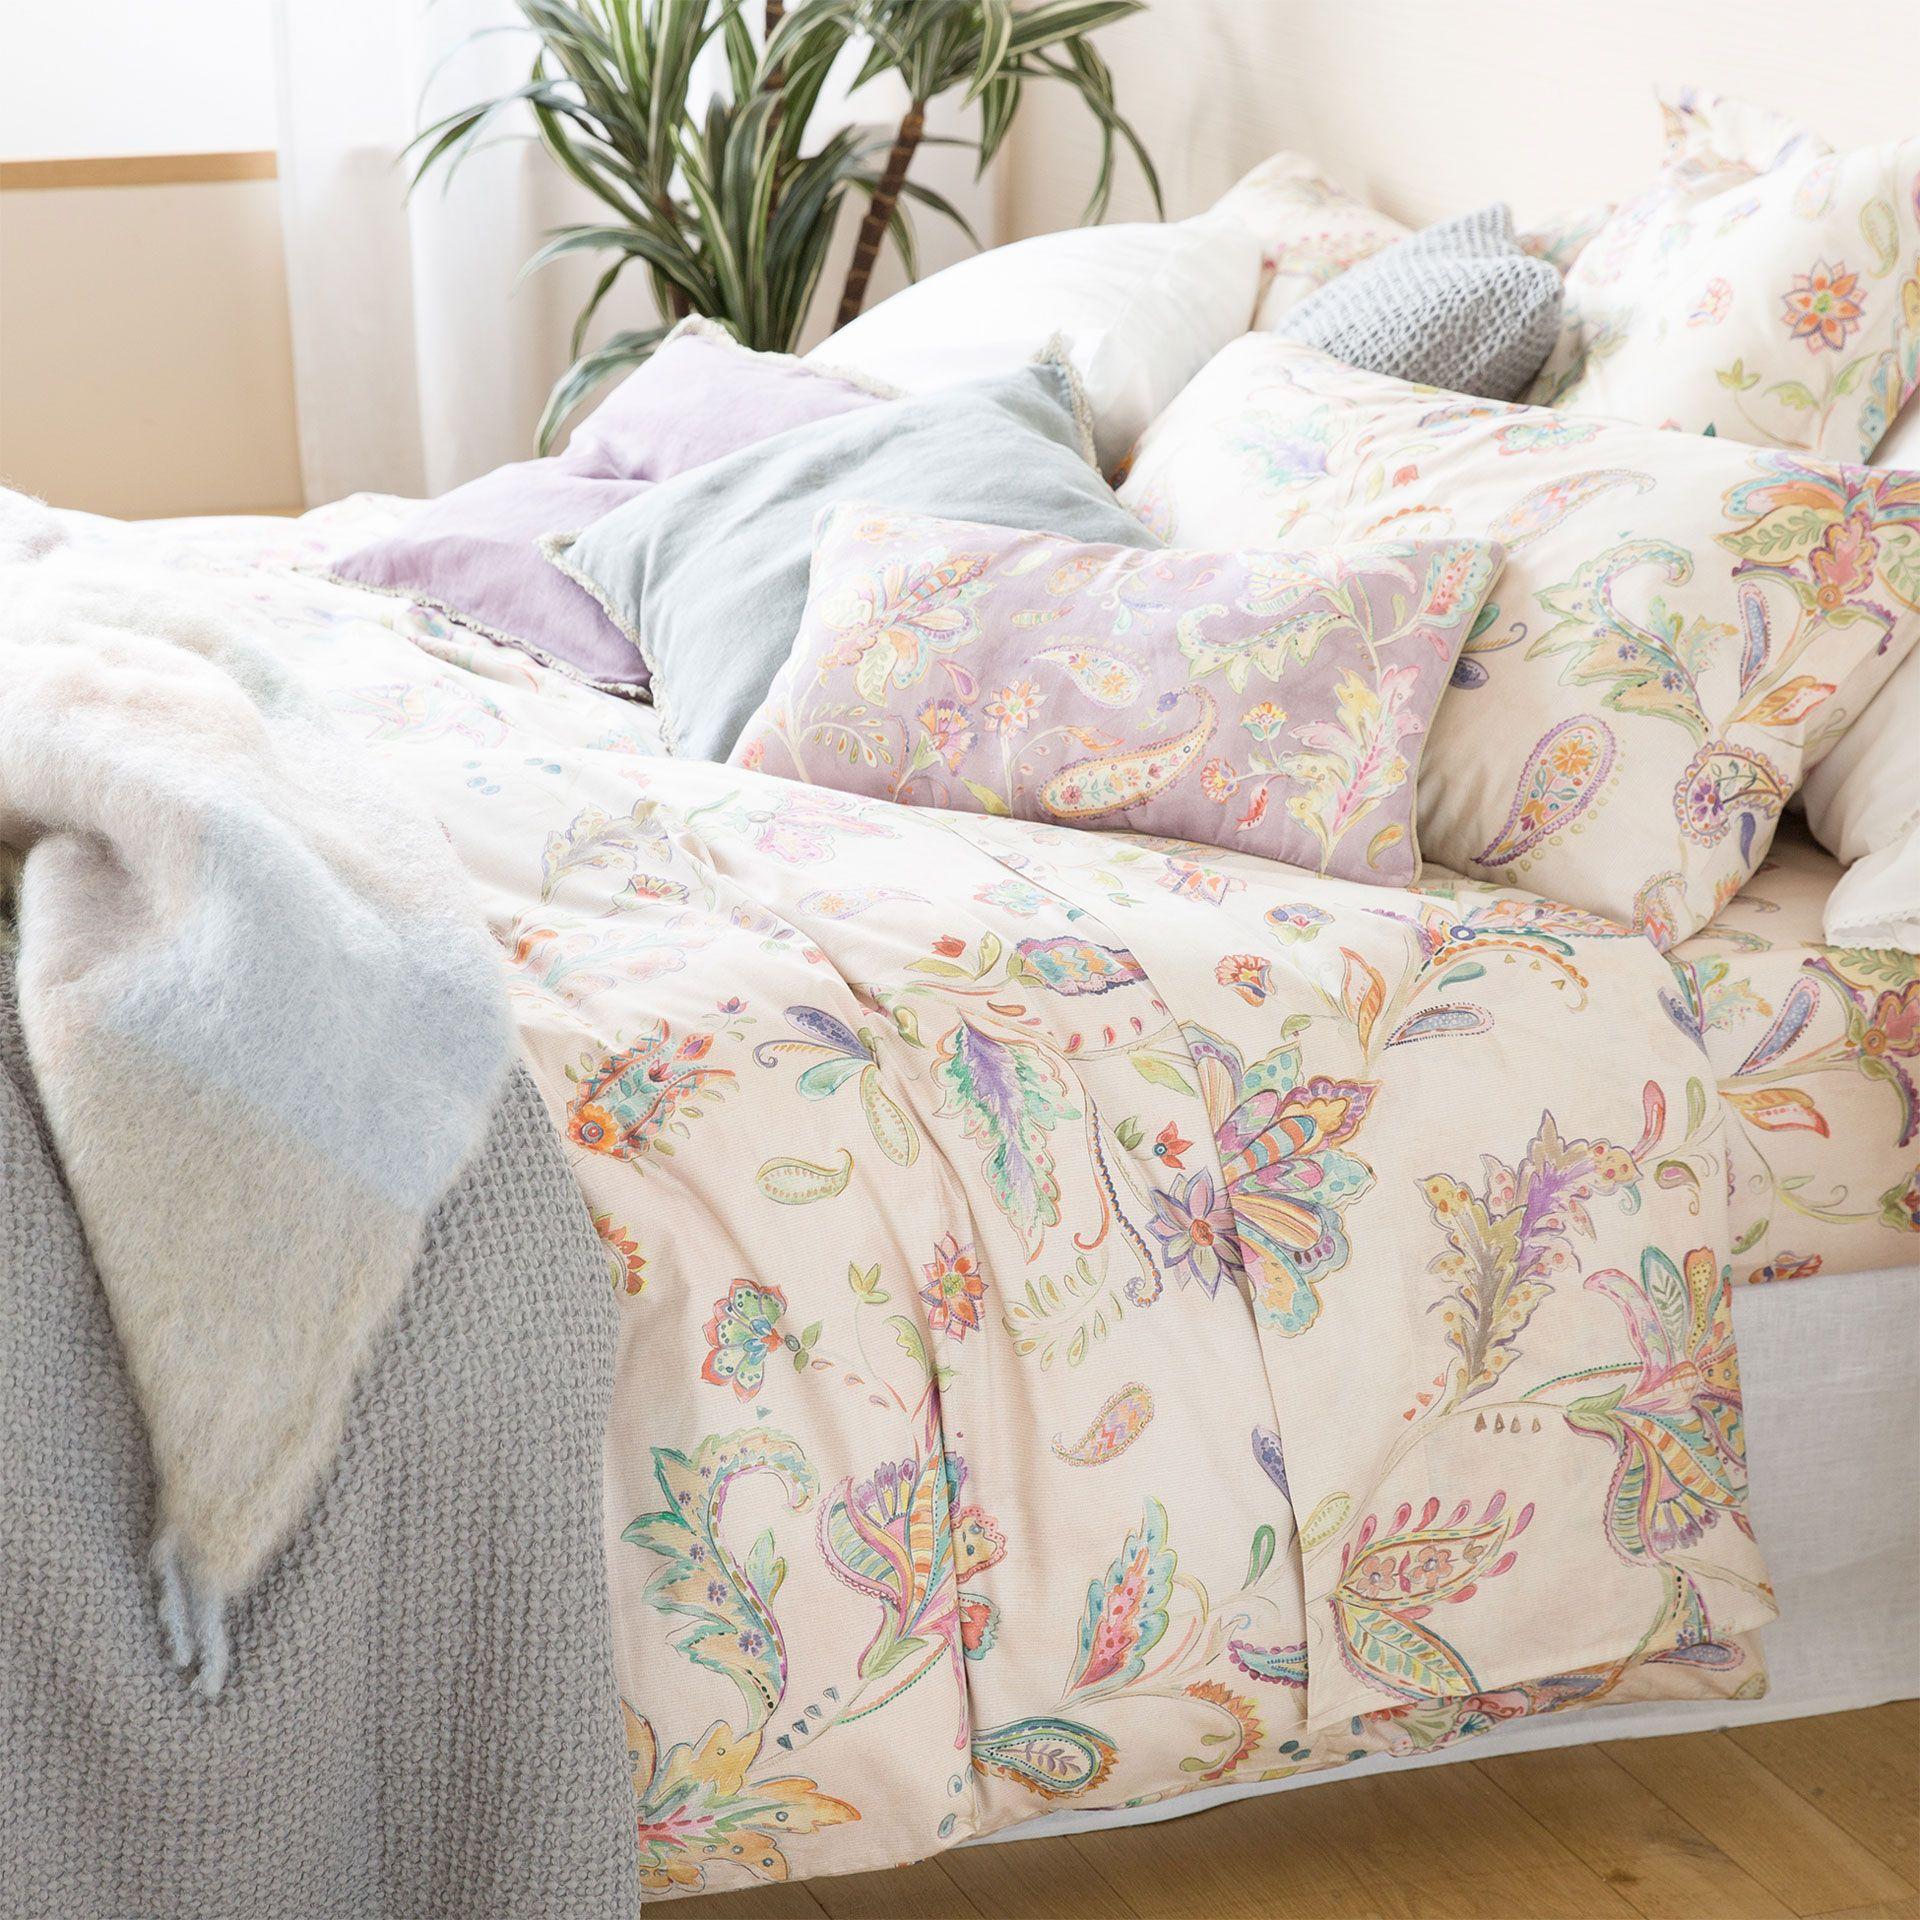 bettw sche mit blumenprint in rosa bettwaesche bett und schlafzimmer. Black Bedroom Furniture Sets. Home Design Ideas